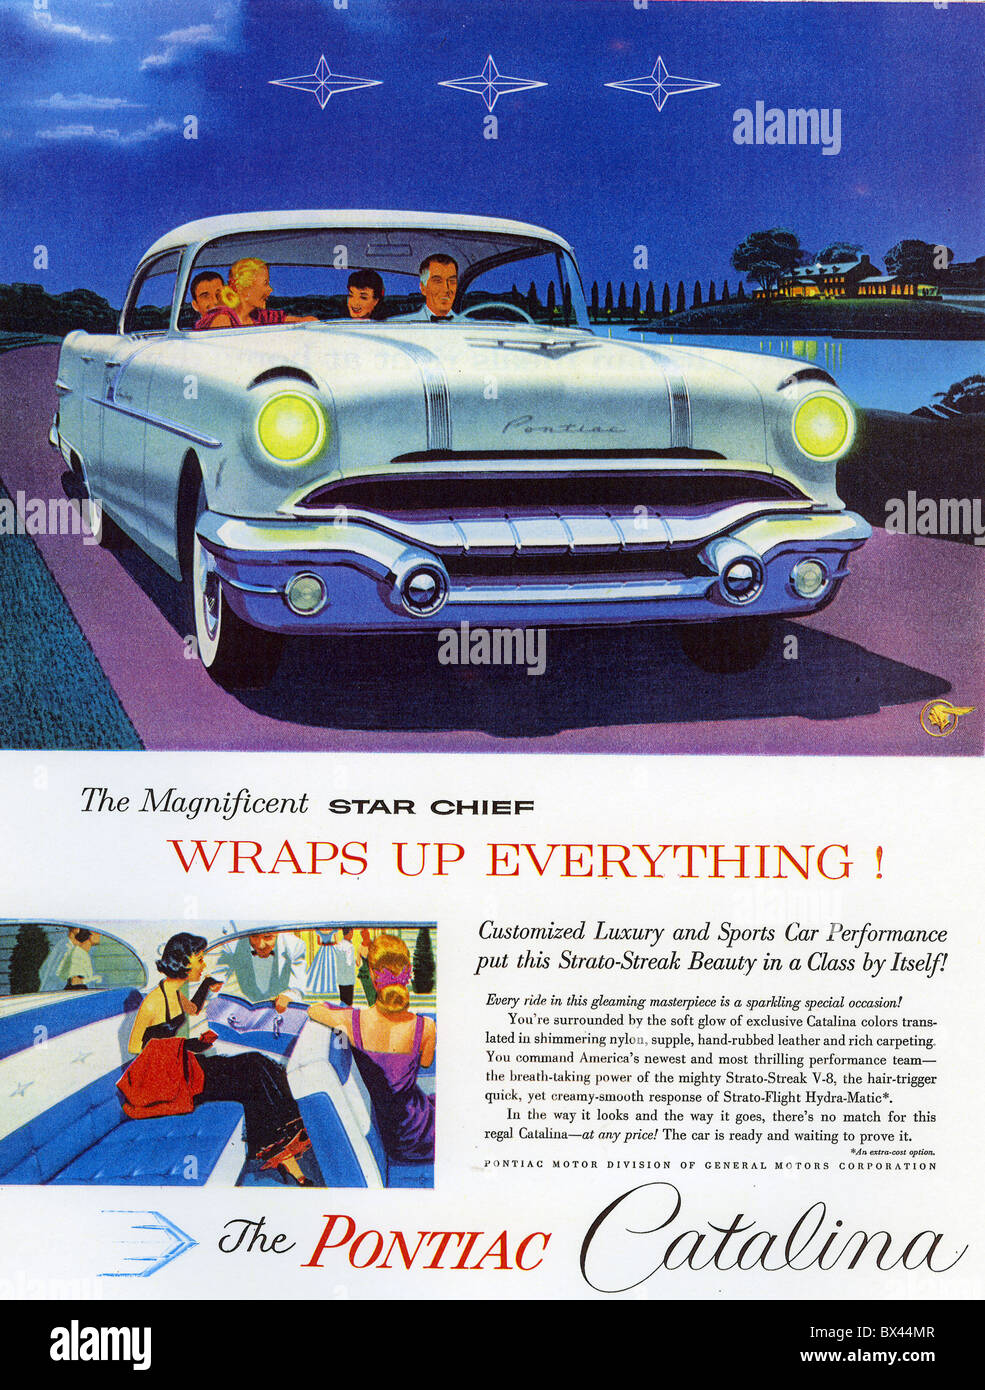 1956 PONTIAC CATALINA ADVERT - Stock Image